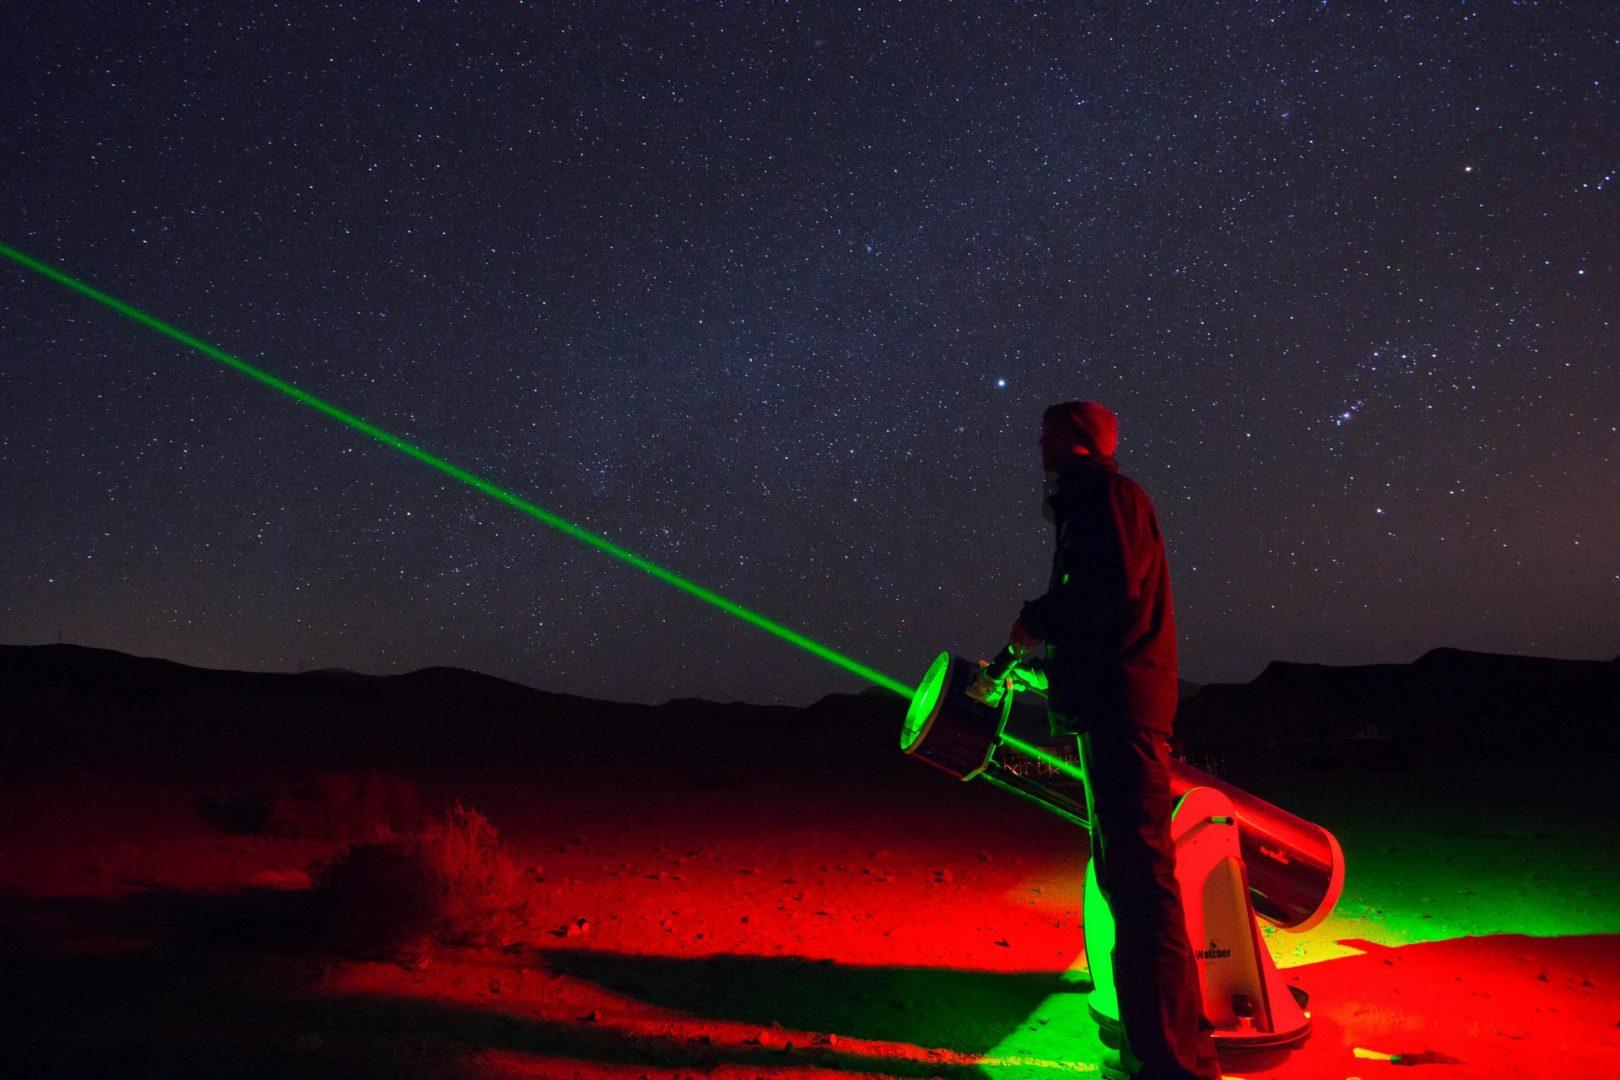 צפייה בטלסקופים במכתש רמון